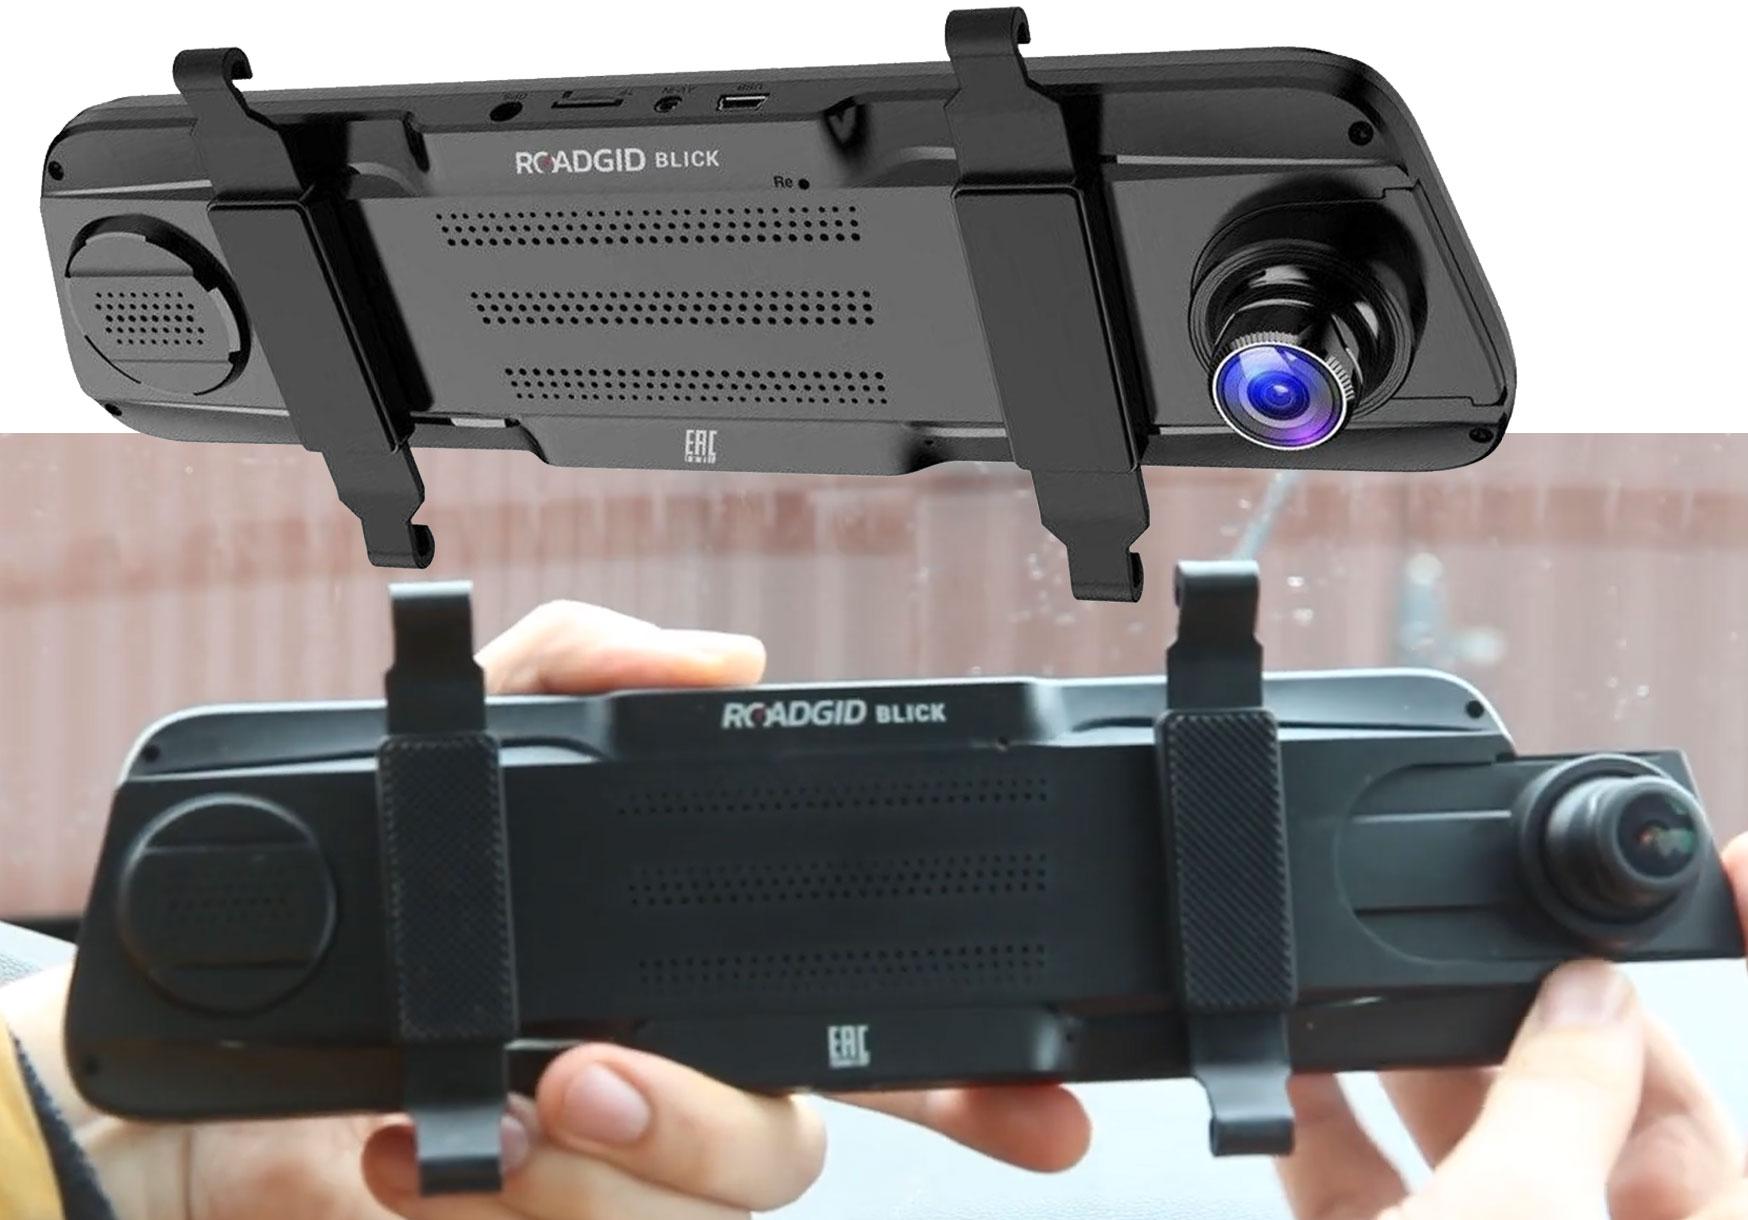 Достоинством зеркала roadgid blick  является способность передней камеры выдвигаться в сторону